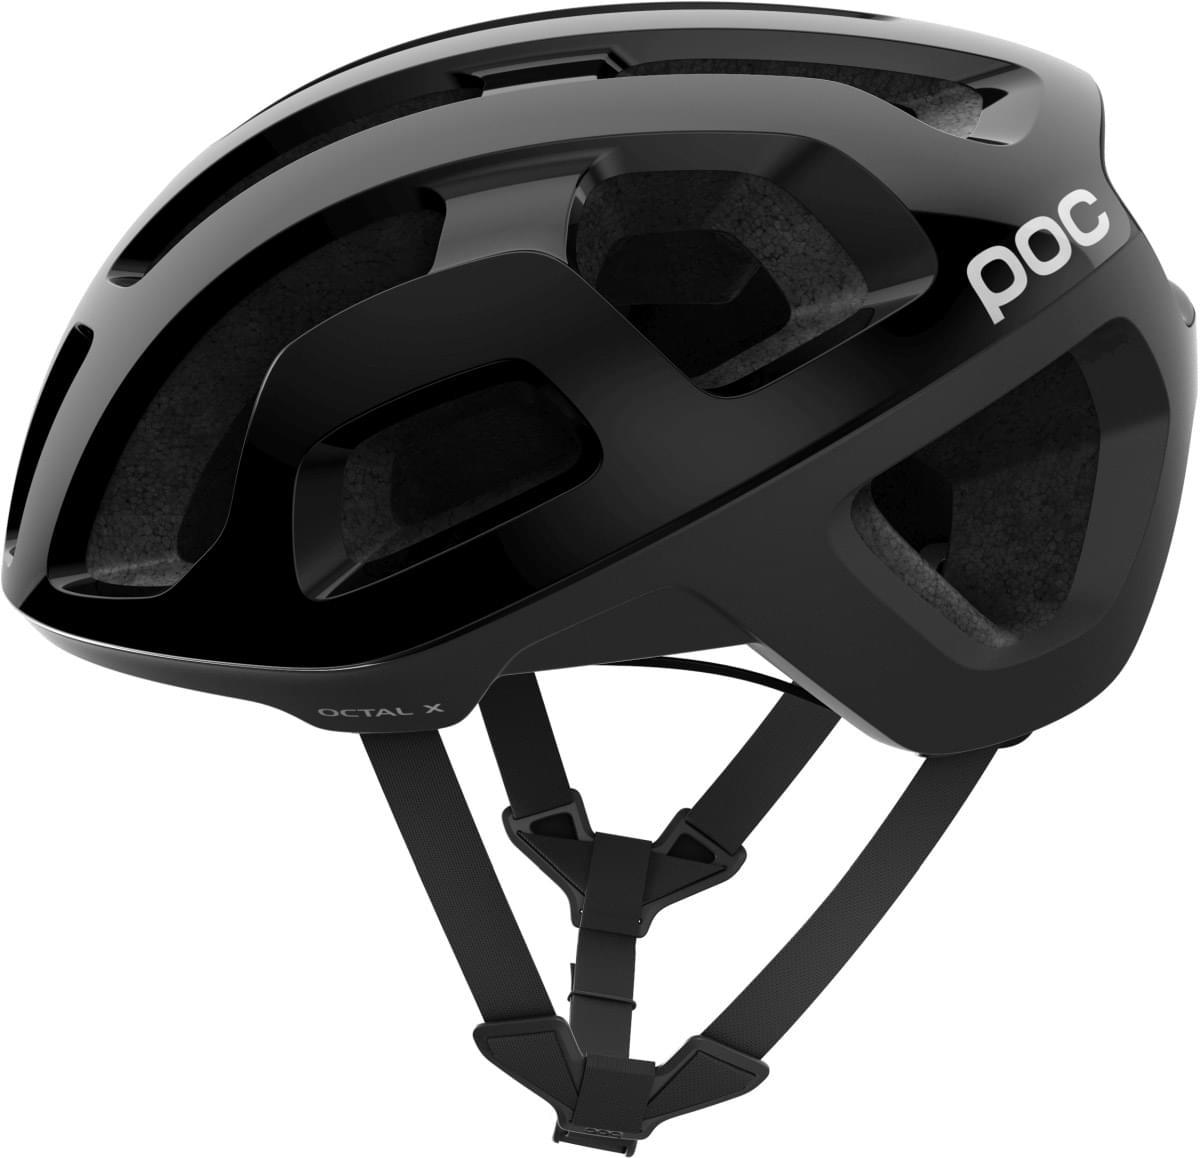 POC Octal X - carbon black S